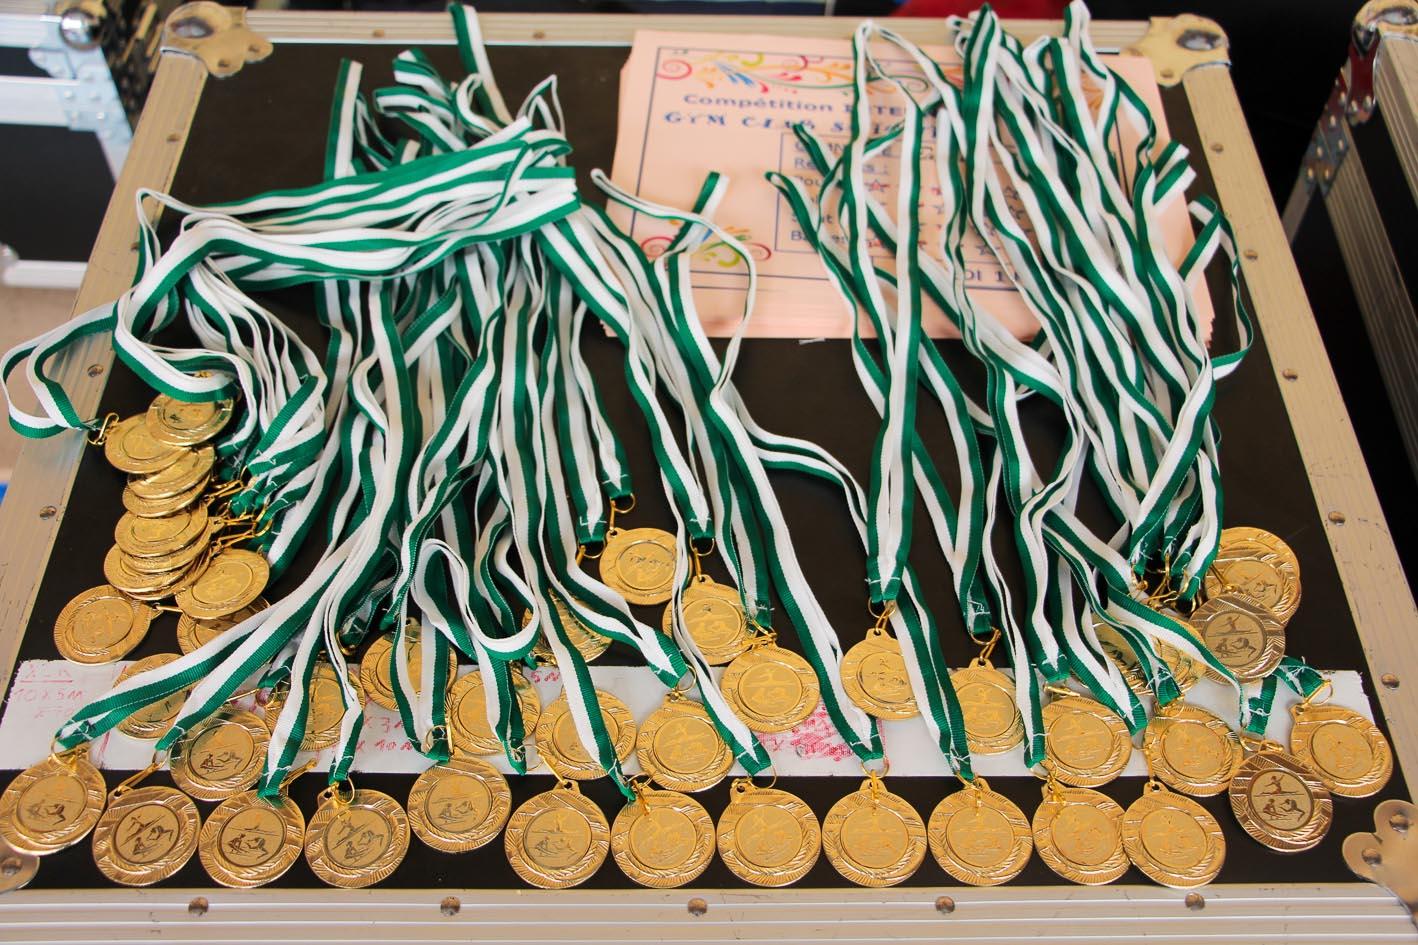 13. Remise des diplômes et des médailles Loisirs